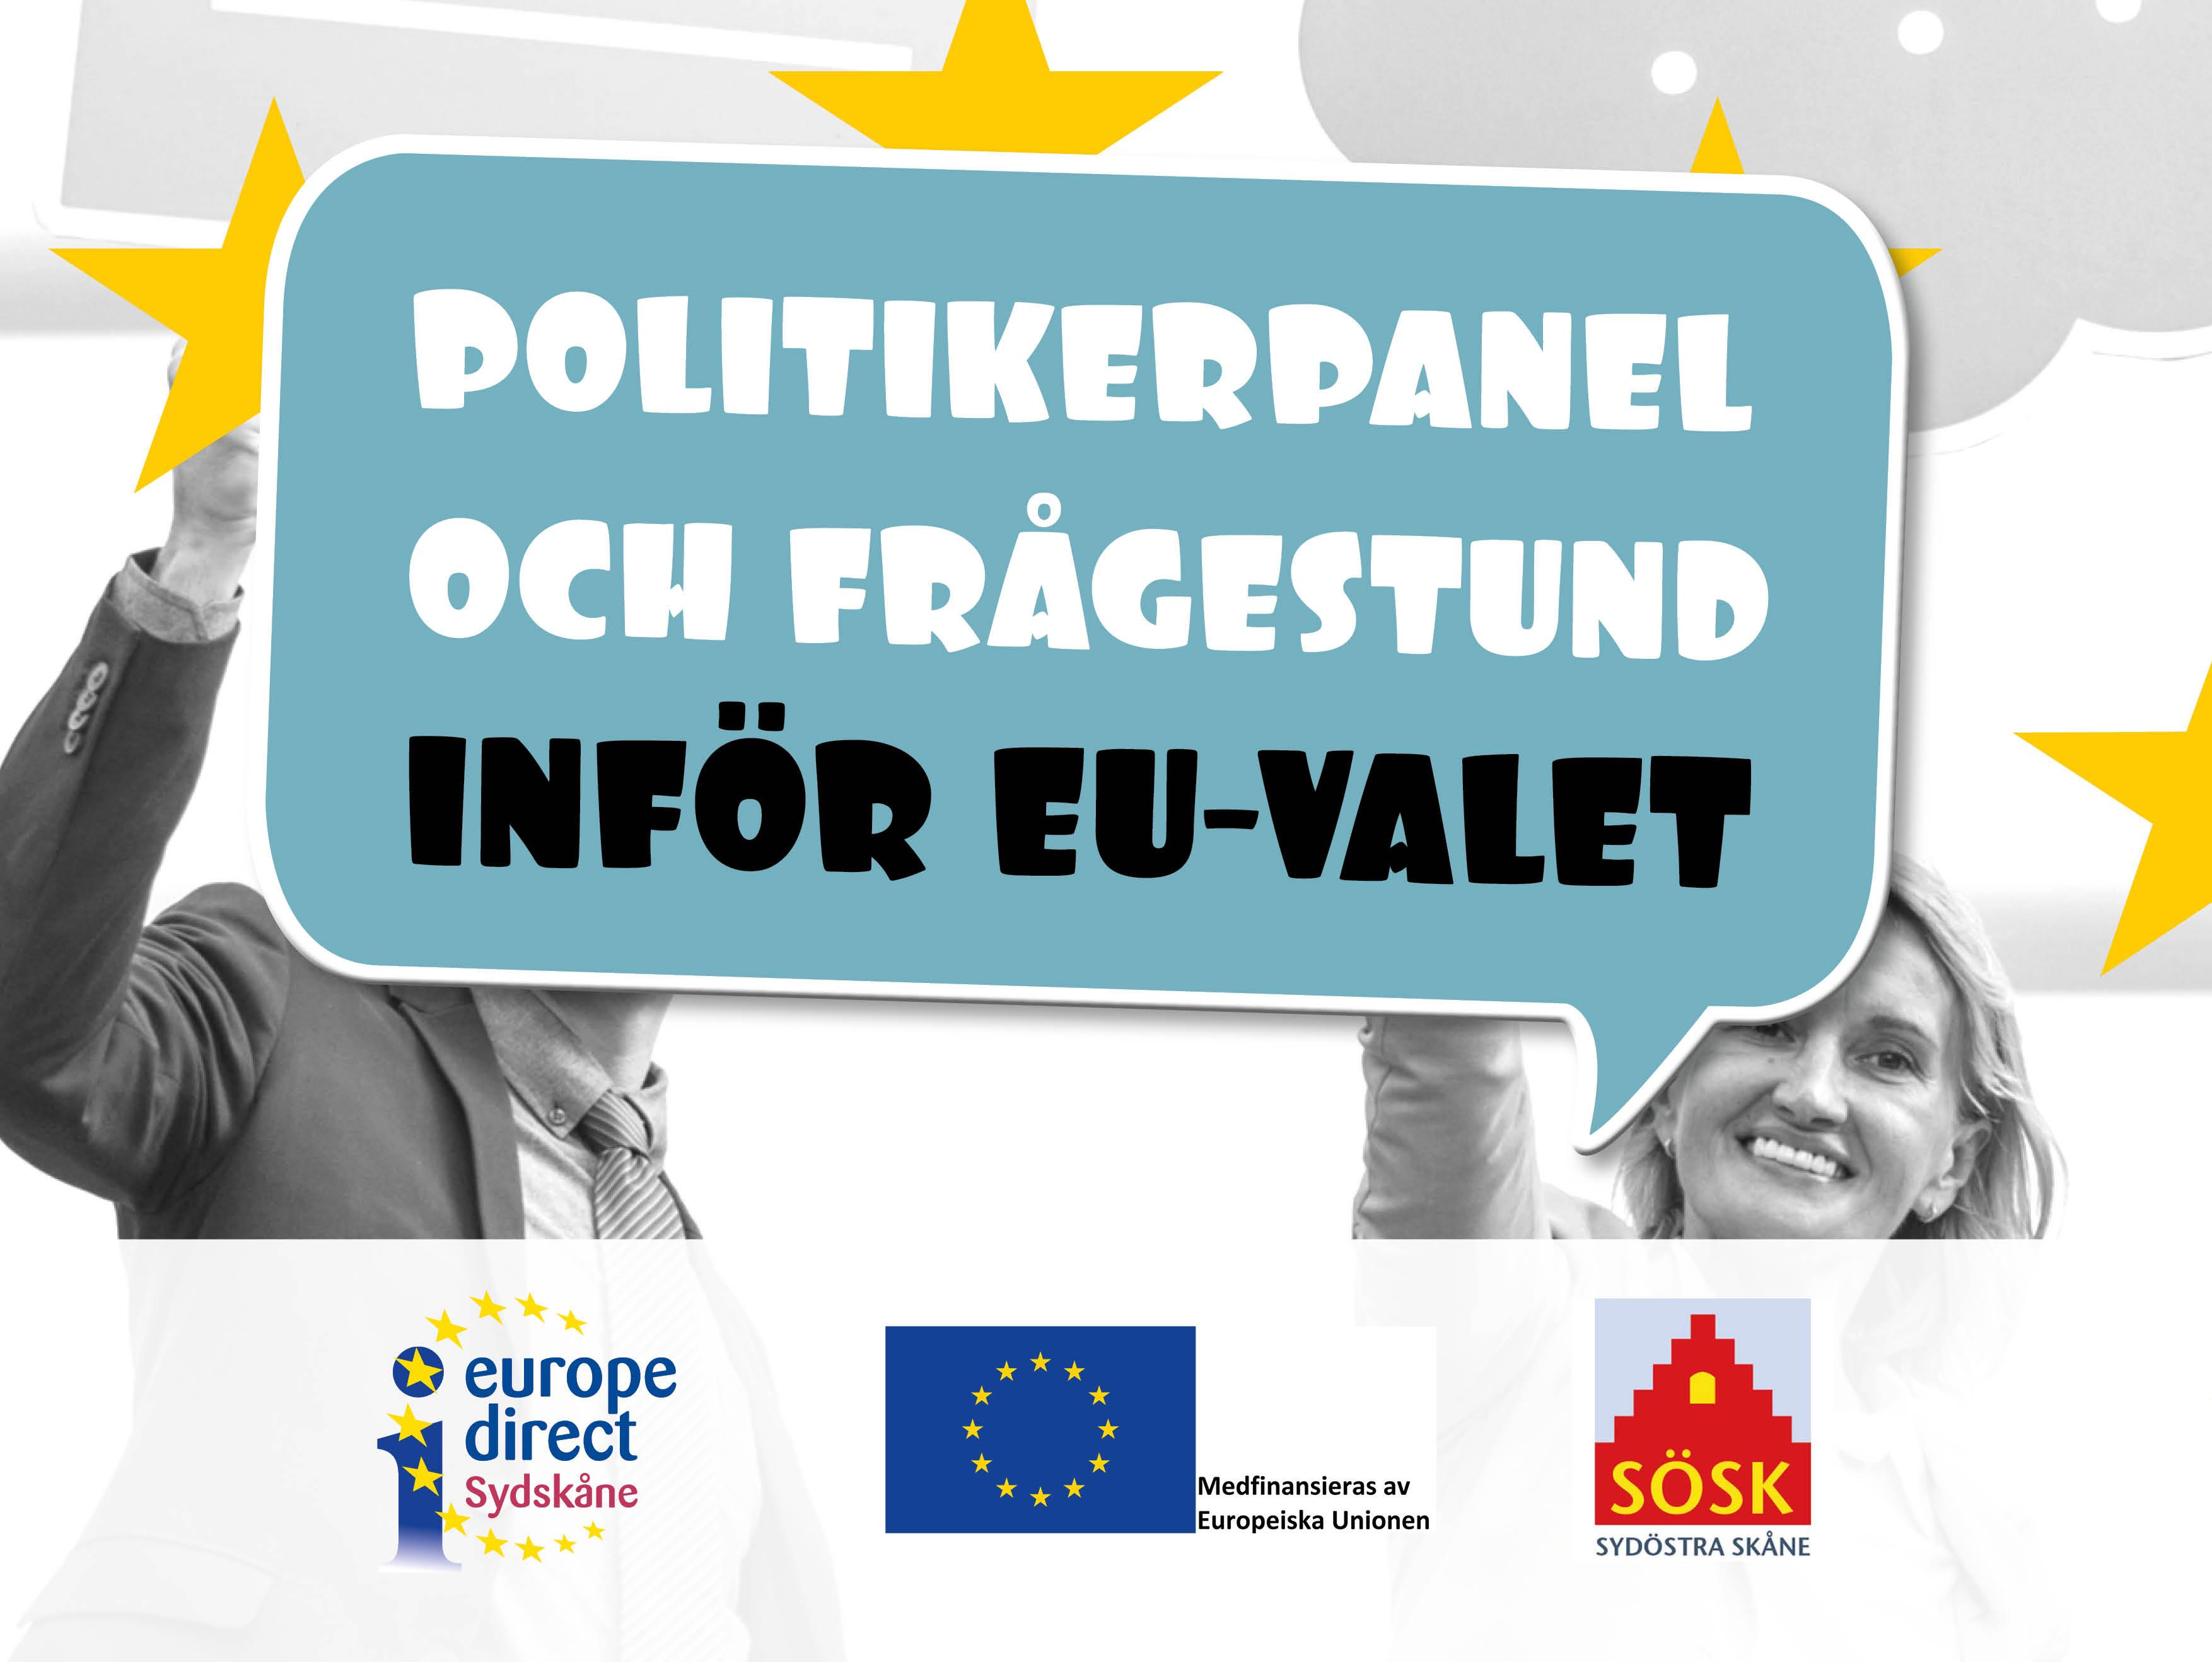 Politikerpanel och frågestund inför EU-valet @ Ystad